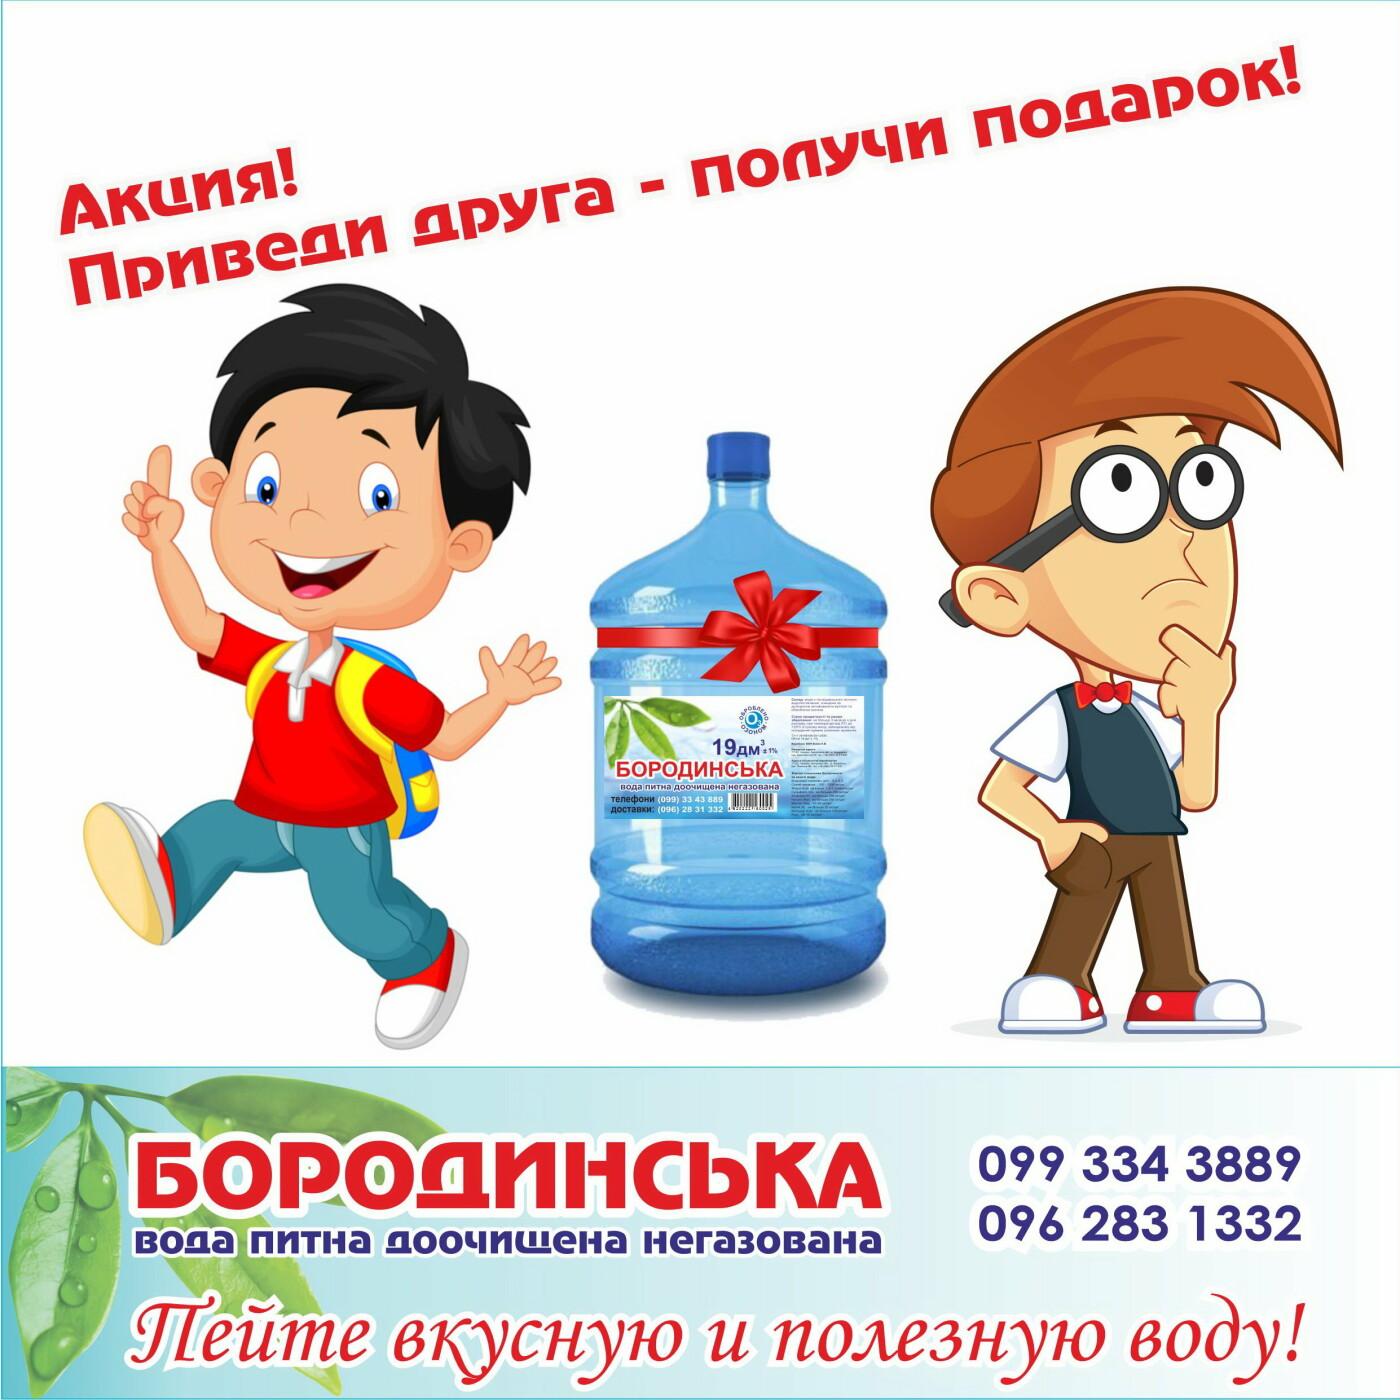 Доставка воды к вам домой!, фото-4